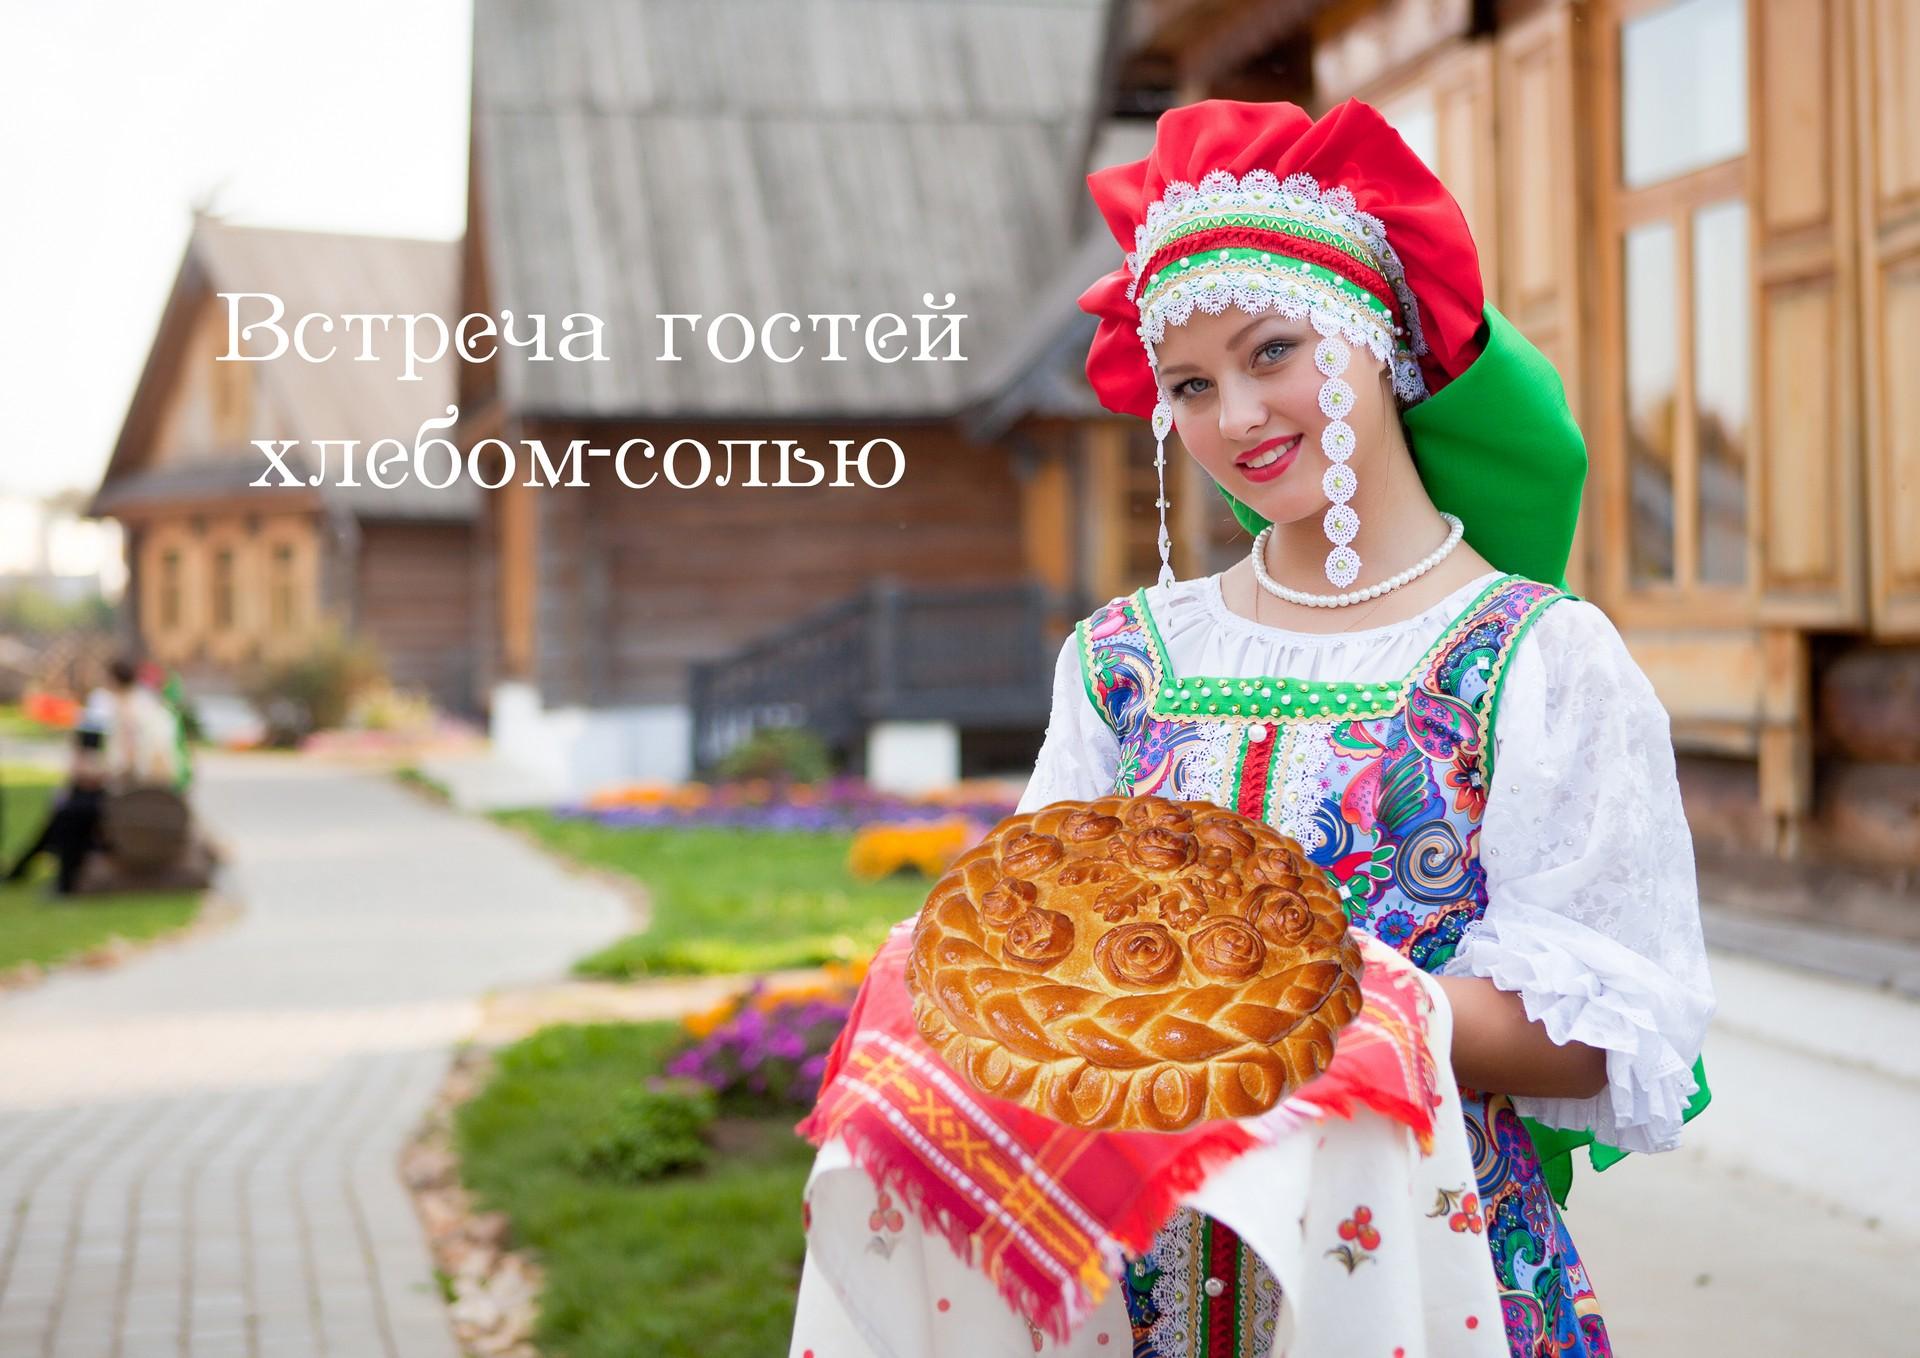 Слова родителей при встрече с хлебом солью » Поржать. ру 6